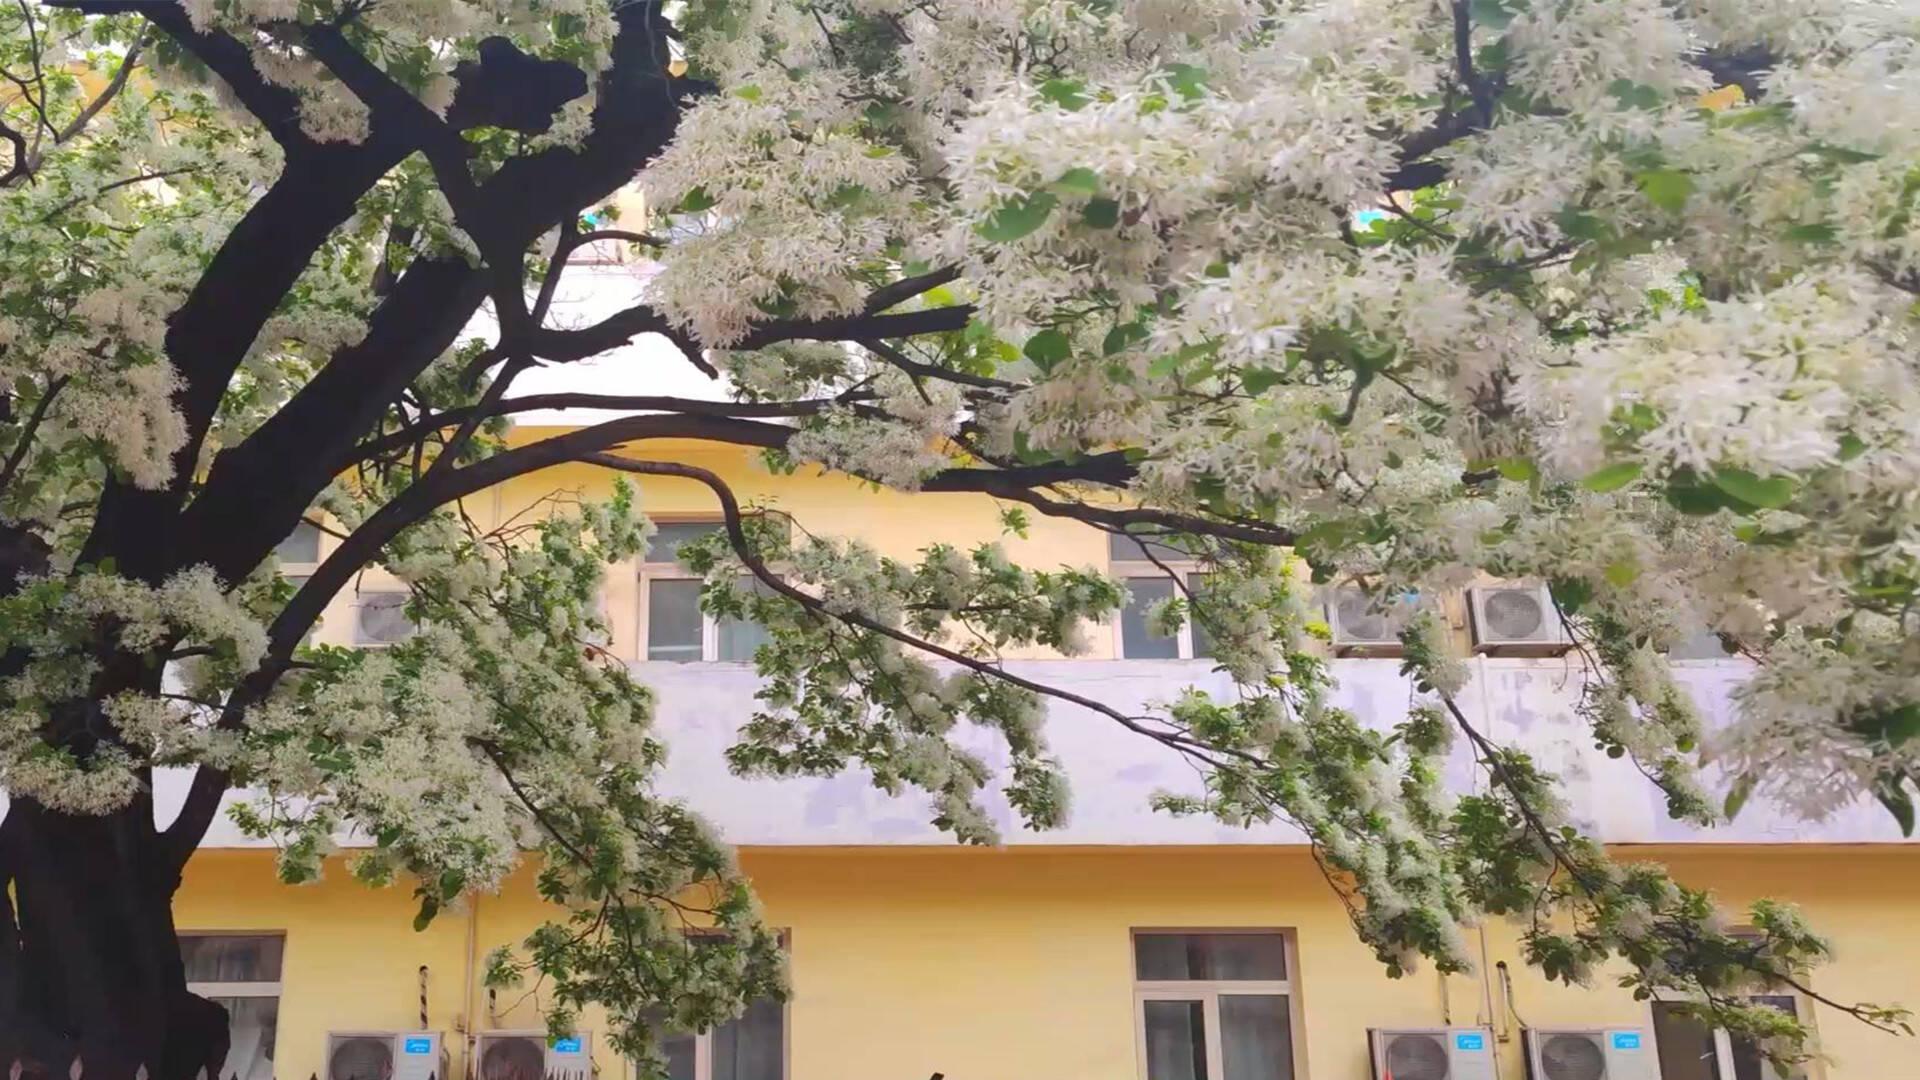 63秒丨满目繁花如云似雪 诸城这棵流苏树美了600年